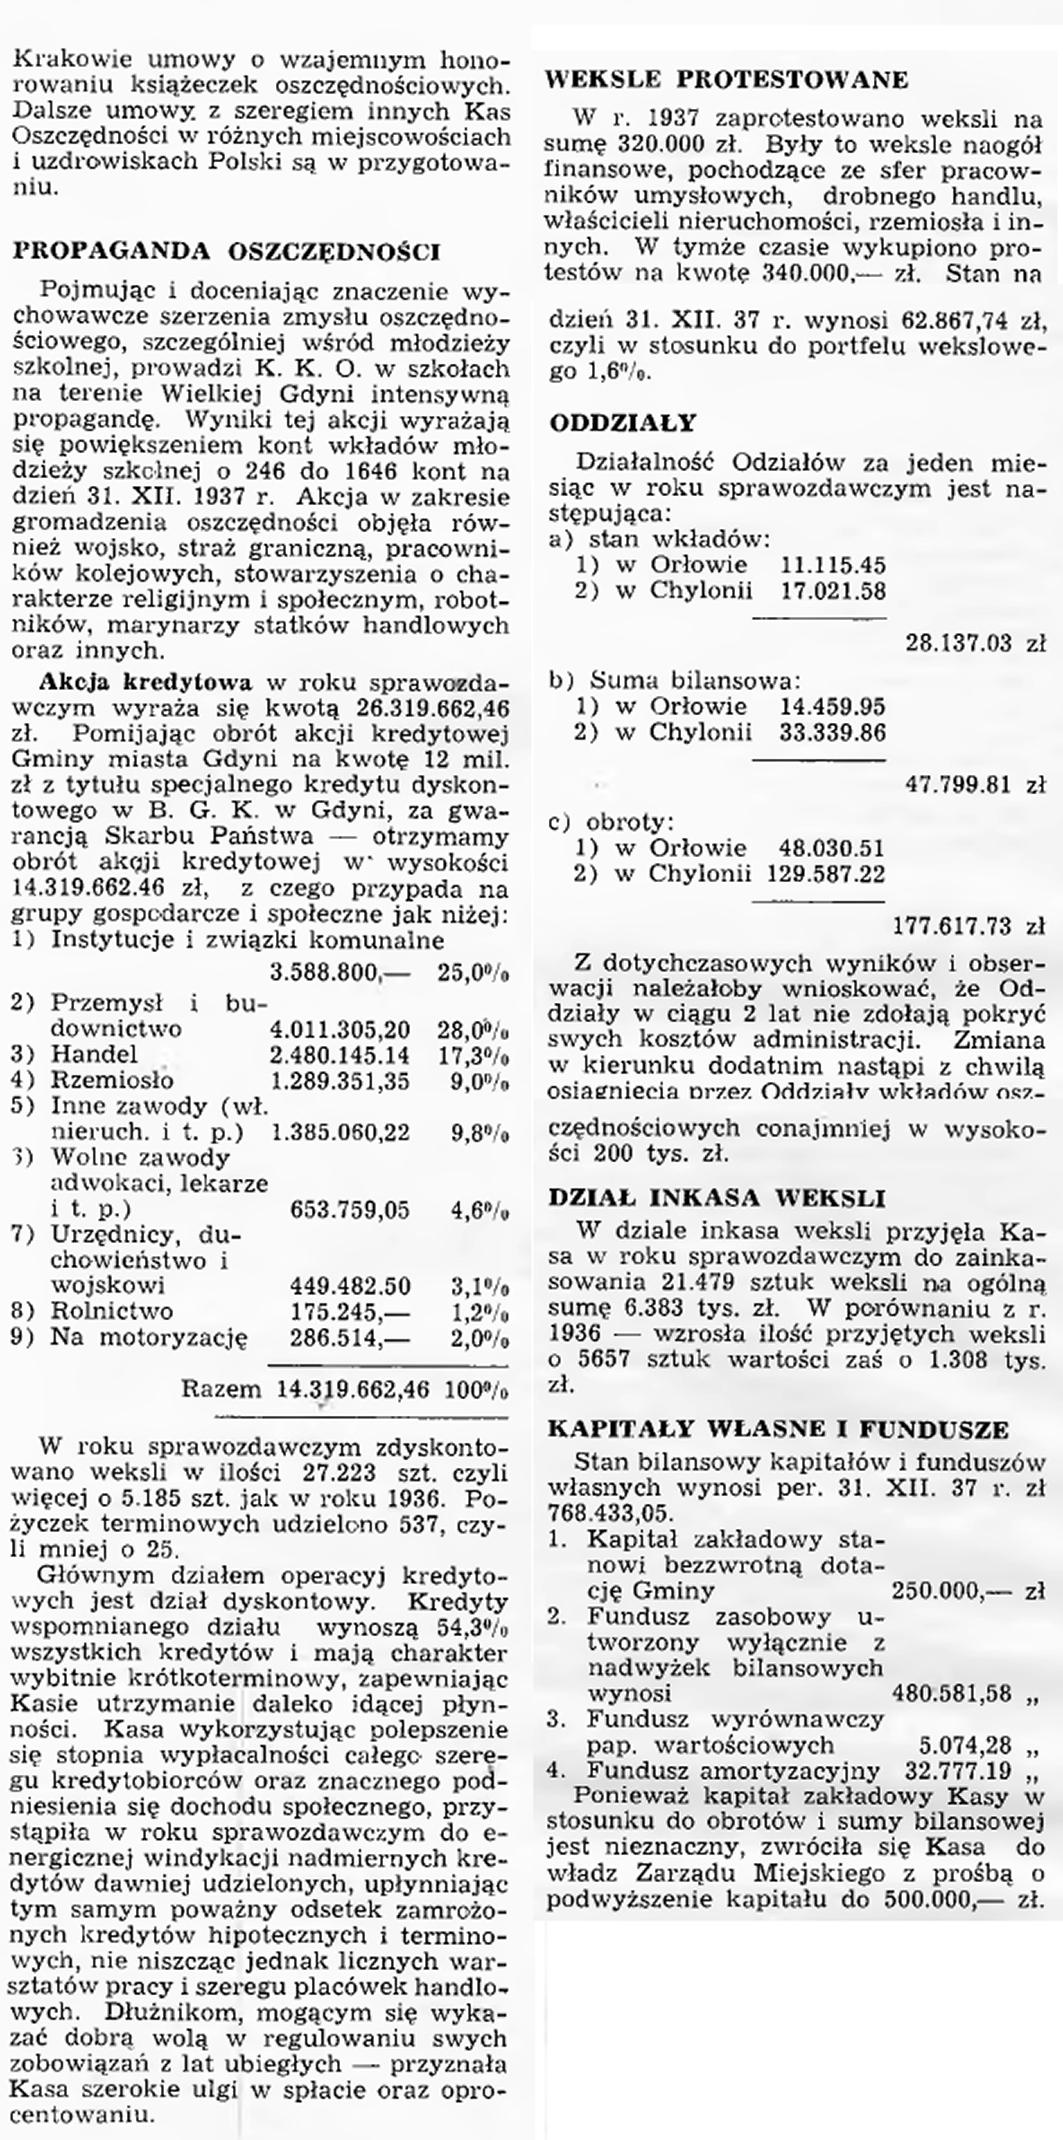 Działalność K. K. O. w Gdyni w roku 1937